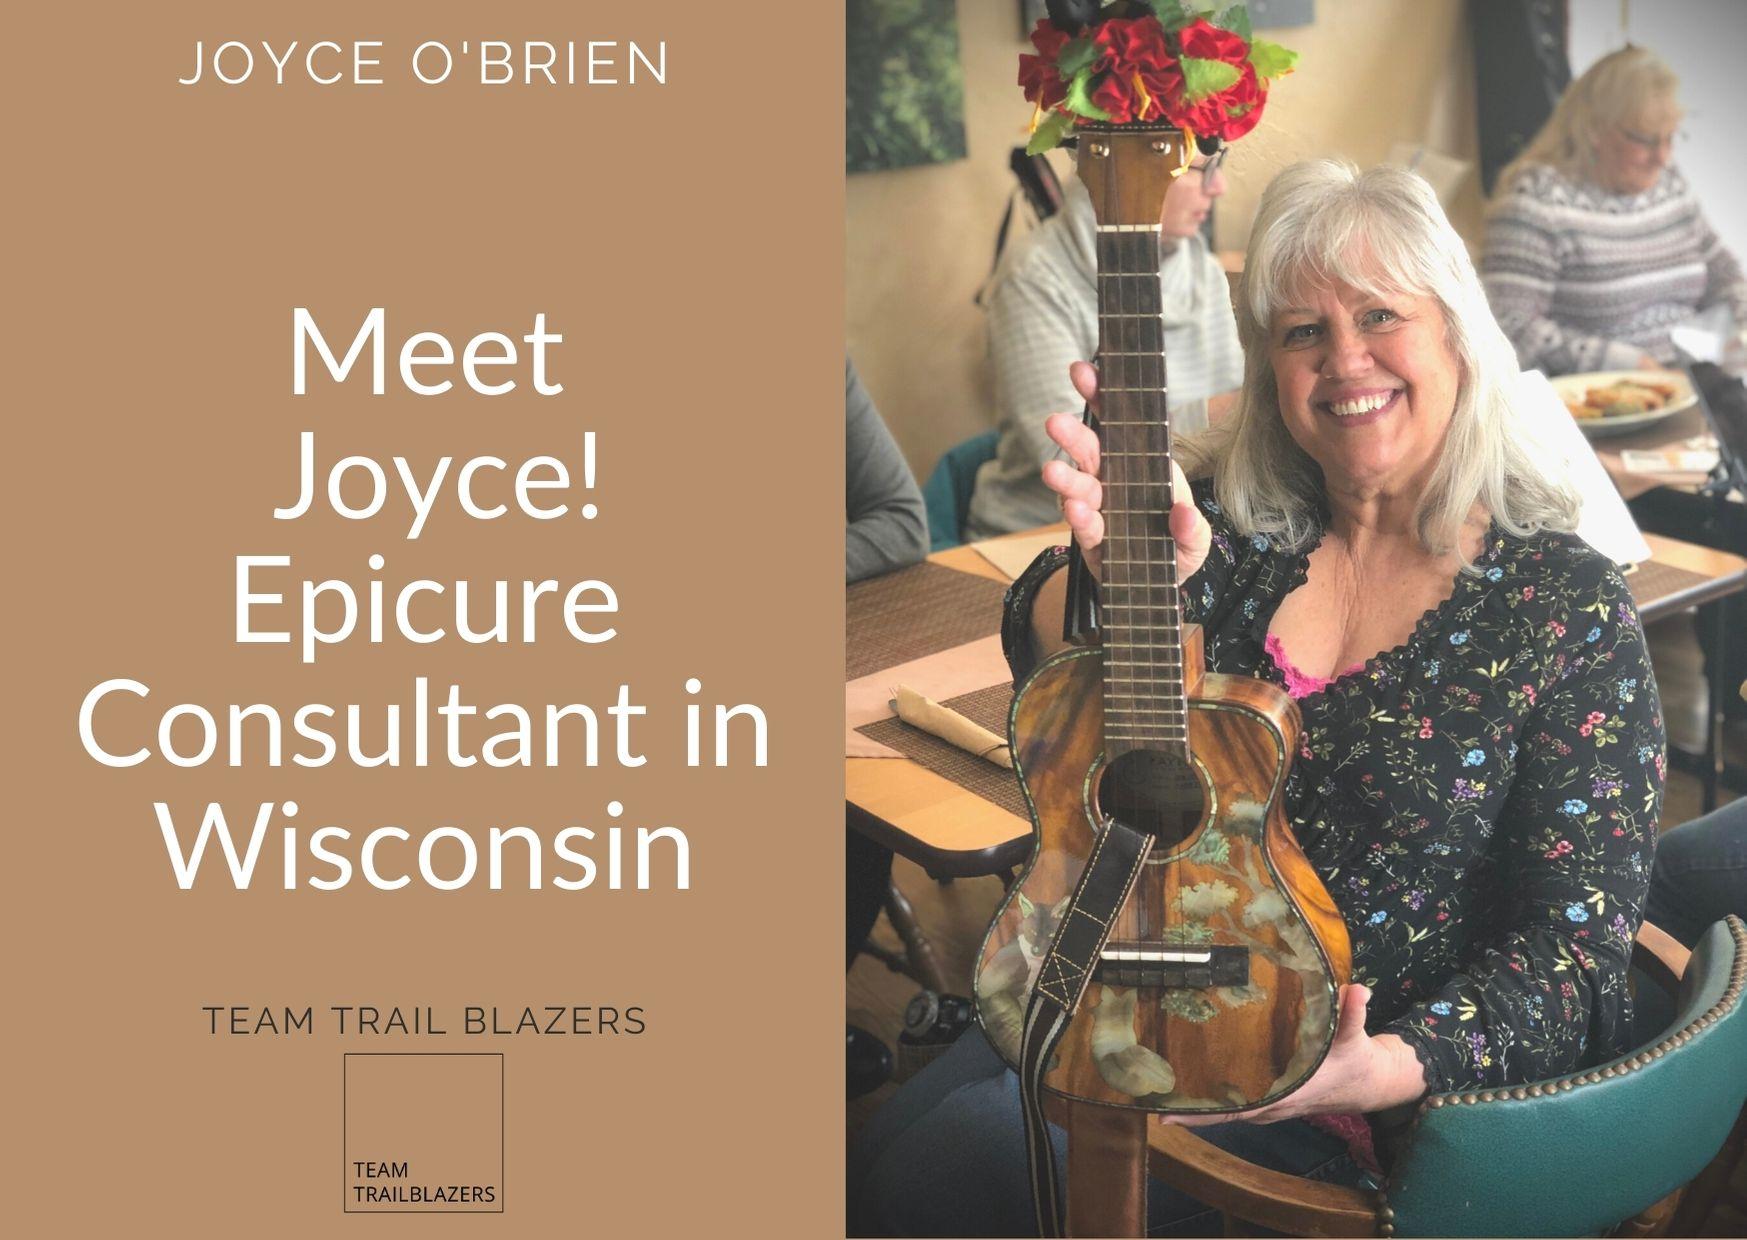 Joyce O'Brien, Epicure Consultant